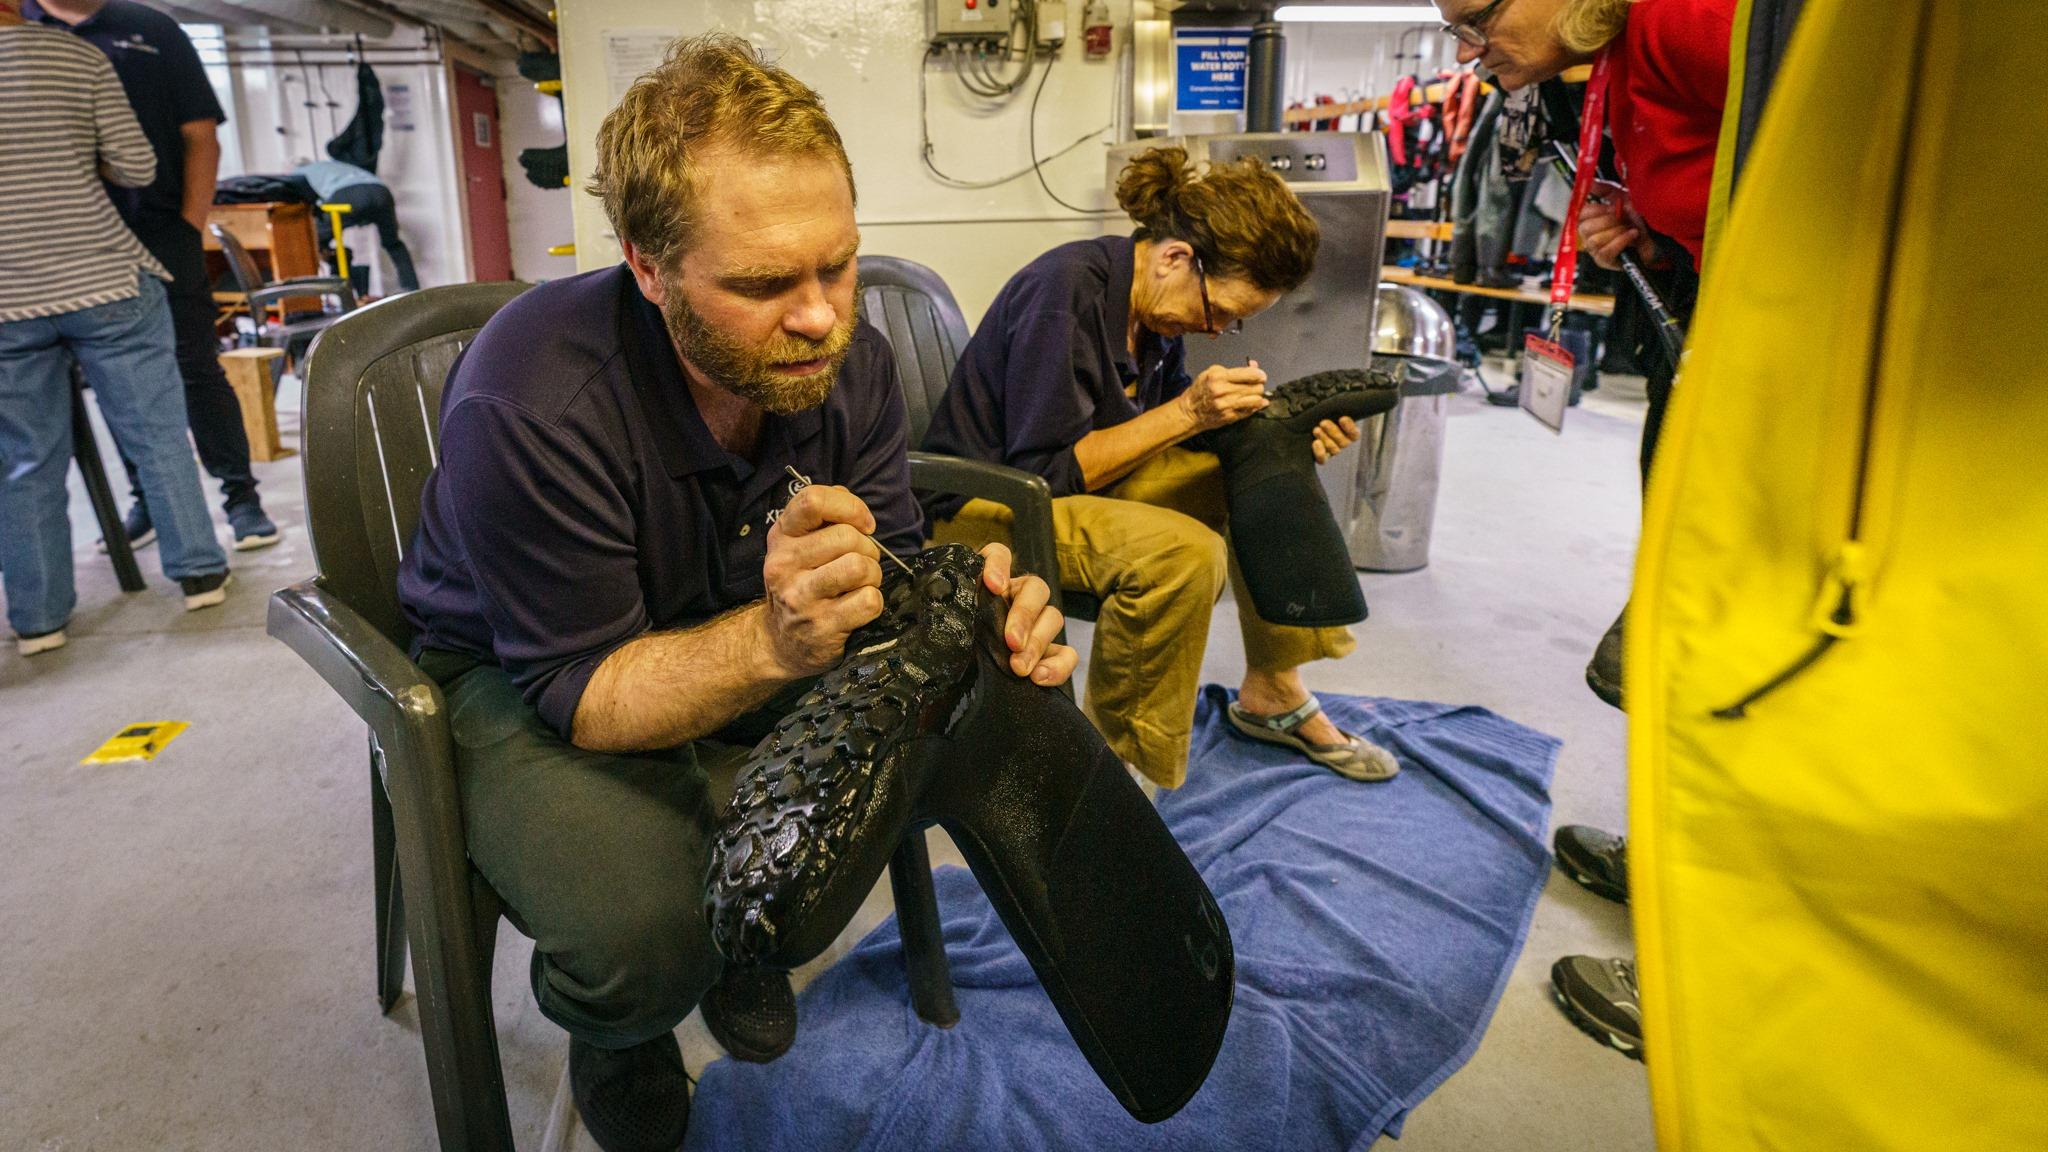 我們的探險隊長兼地質學家Alex Cowan 在登島前逐一檢查遊客的鞋底,若然發現任何異物,遊客必須再次消毒和清潔自己的鞋子。© Eric Wong / Greenpeace